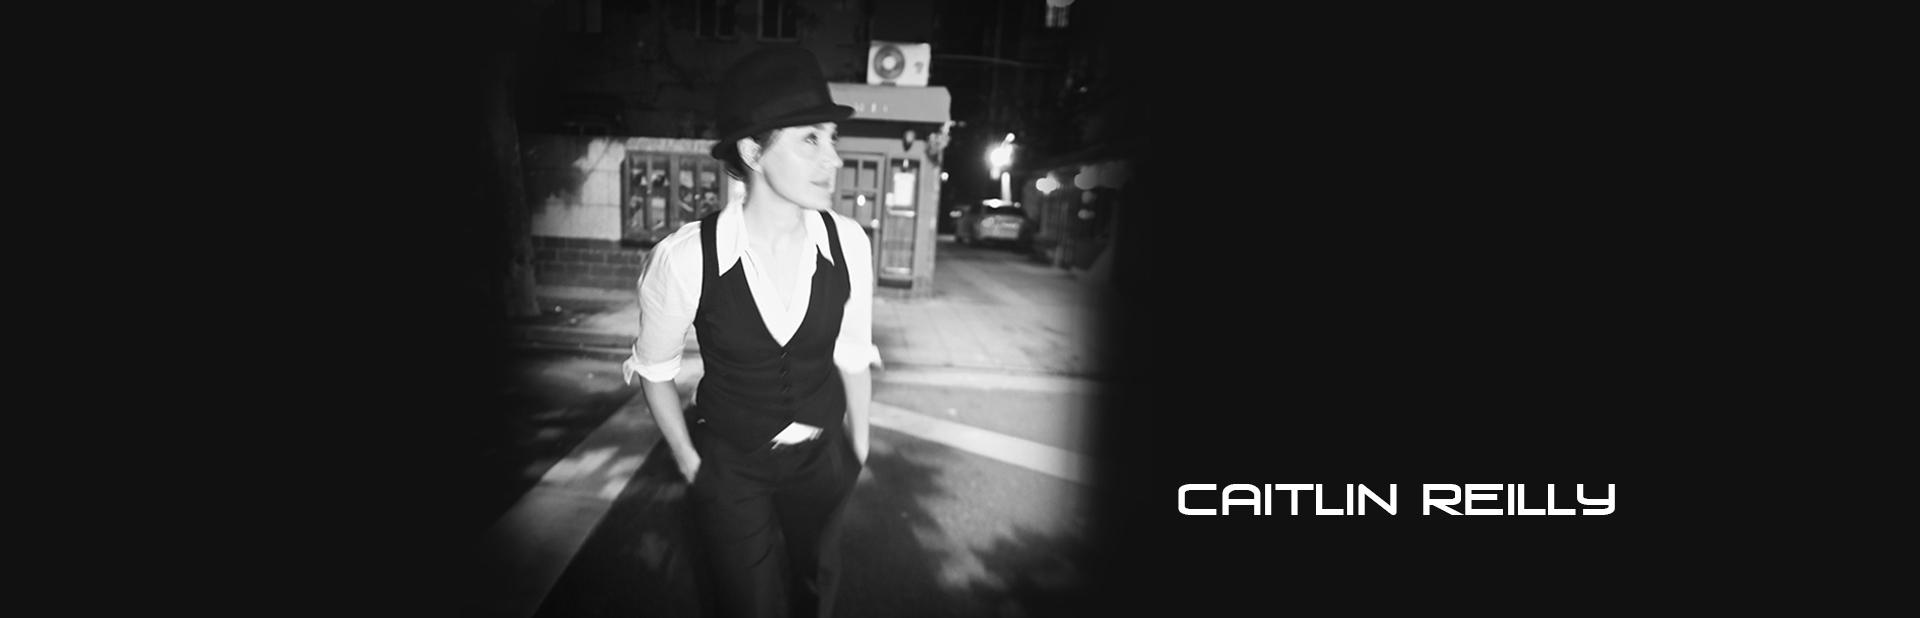 Caitlin-Reilly-02